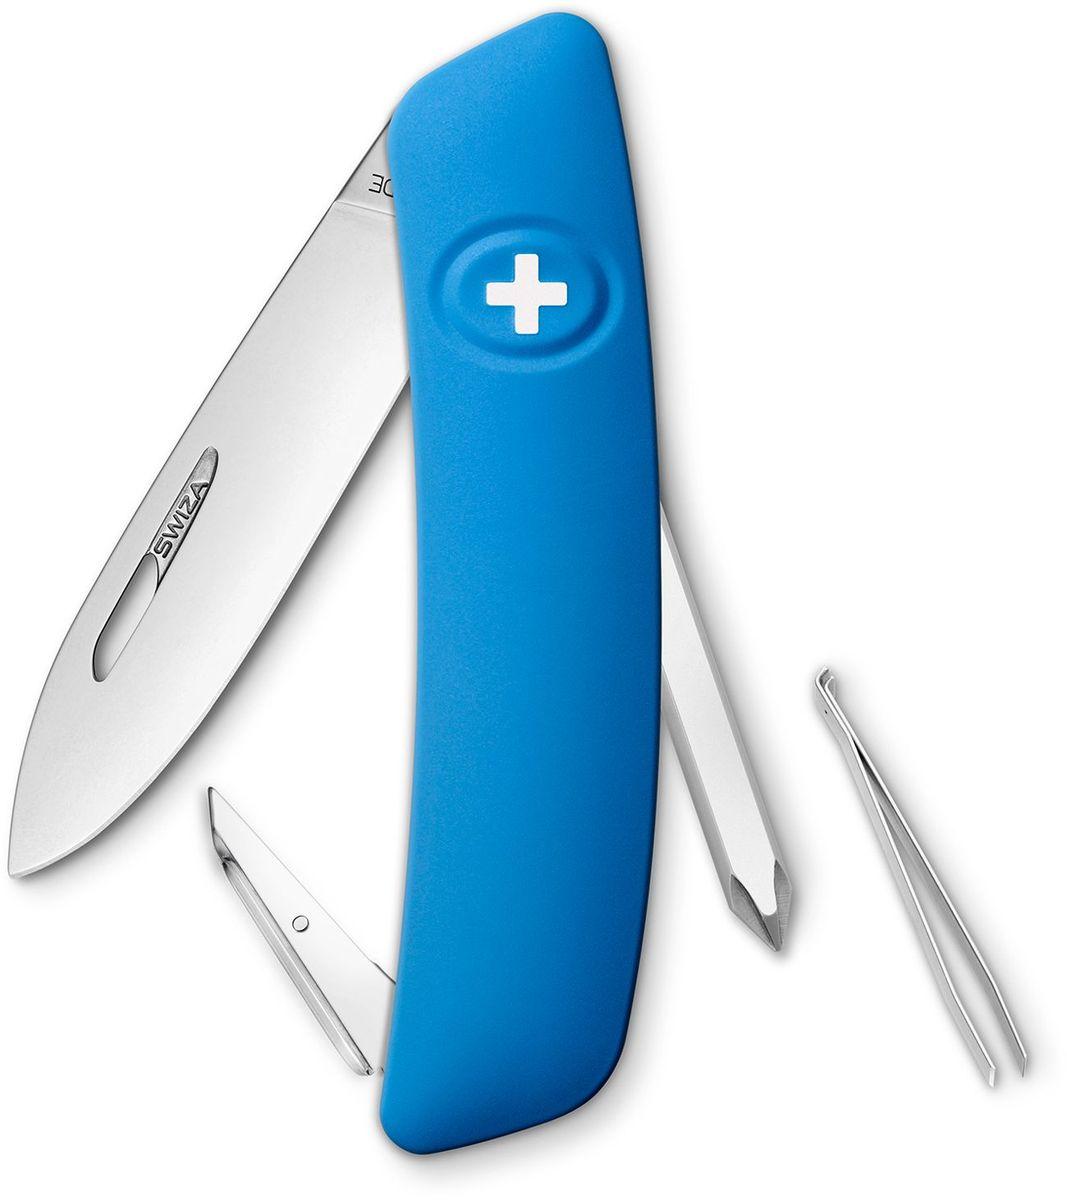 Нож швейцарский SWIZA D02, цвет: синий, длина клинка 7,5 см